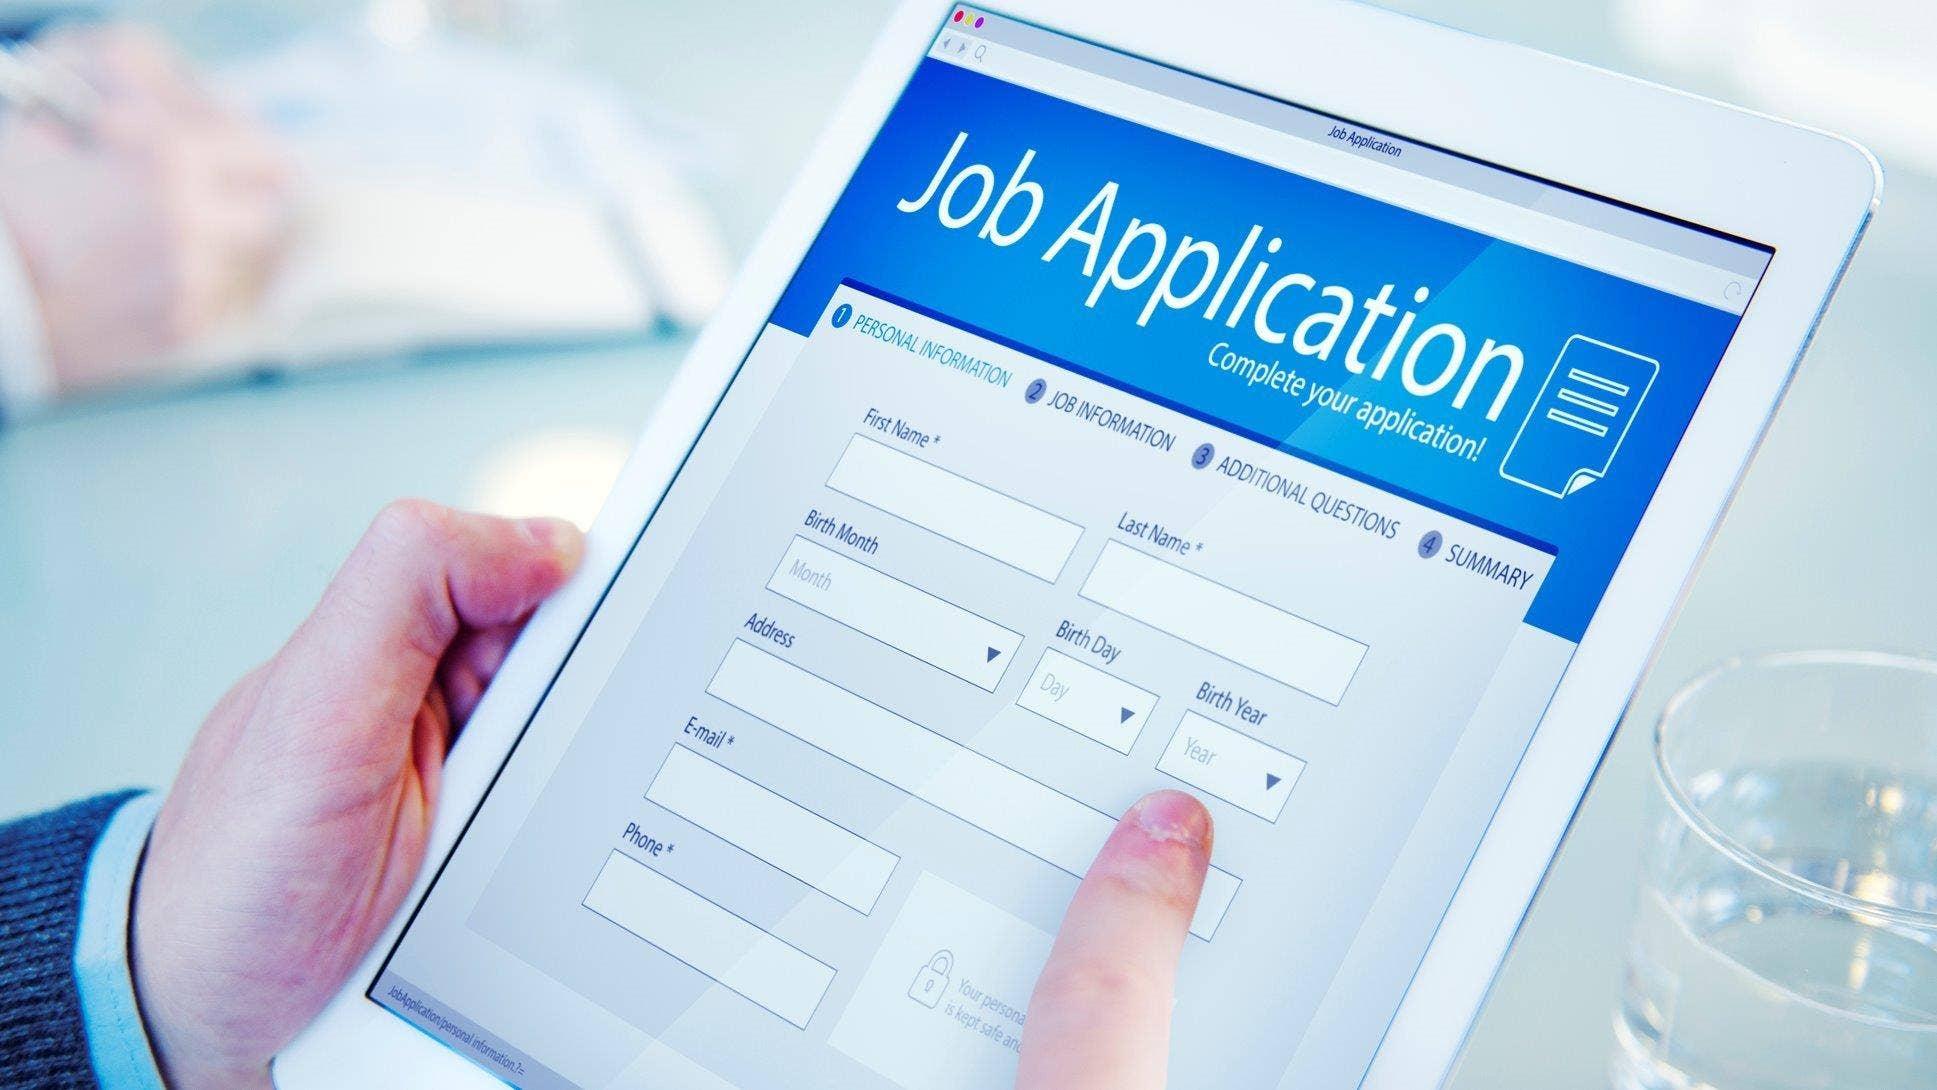 Essay test for job applicants